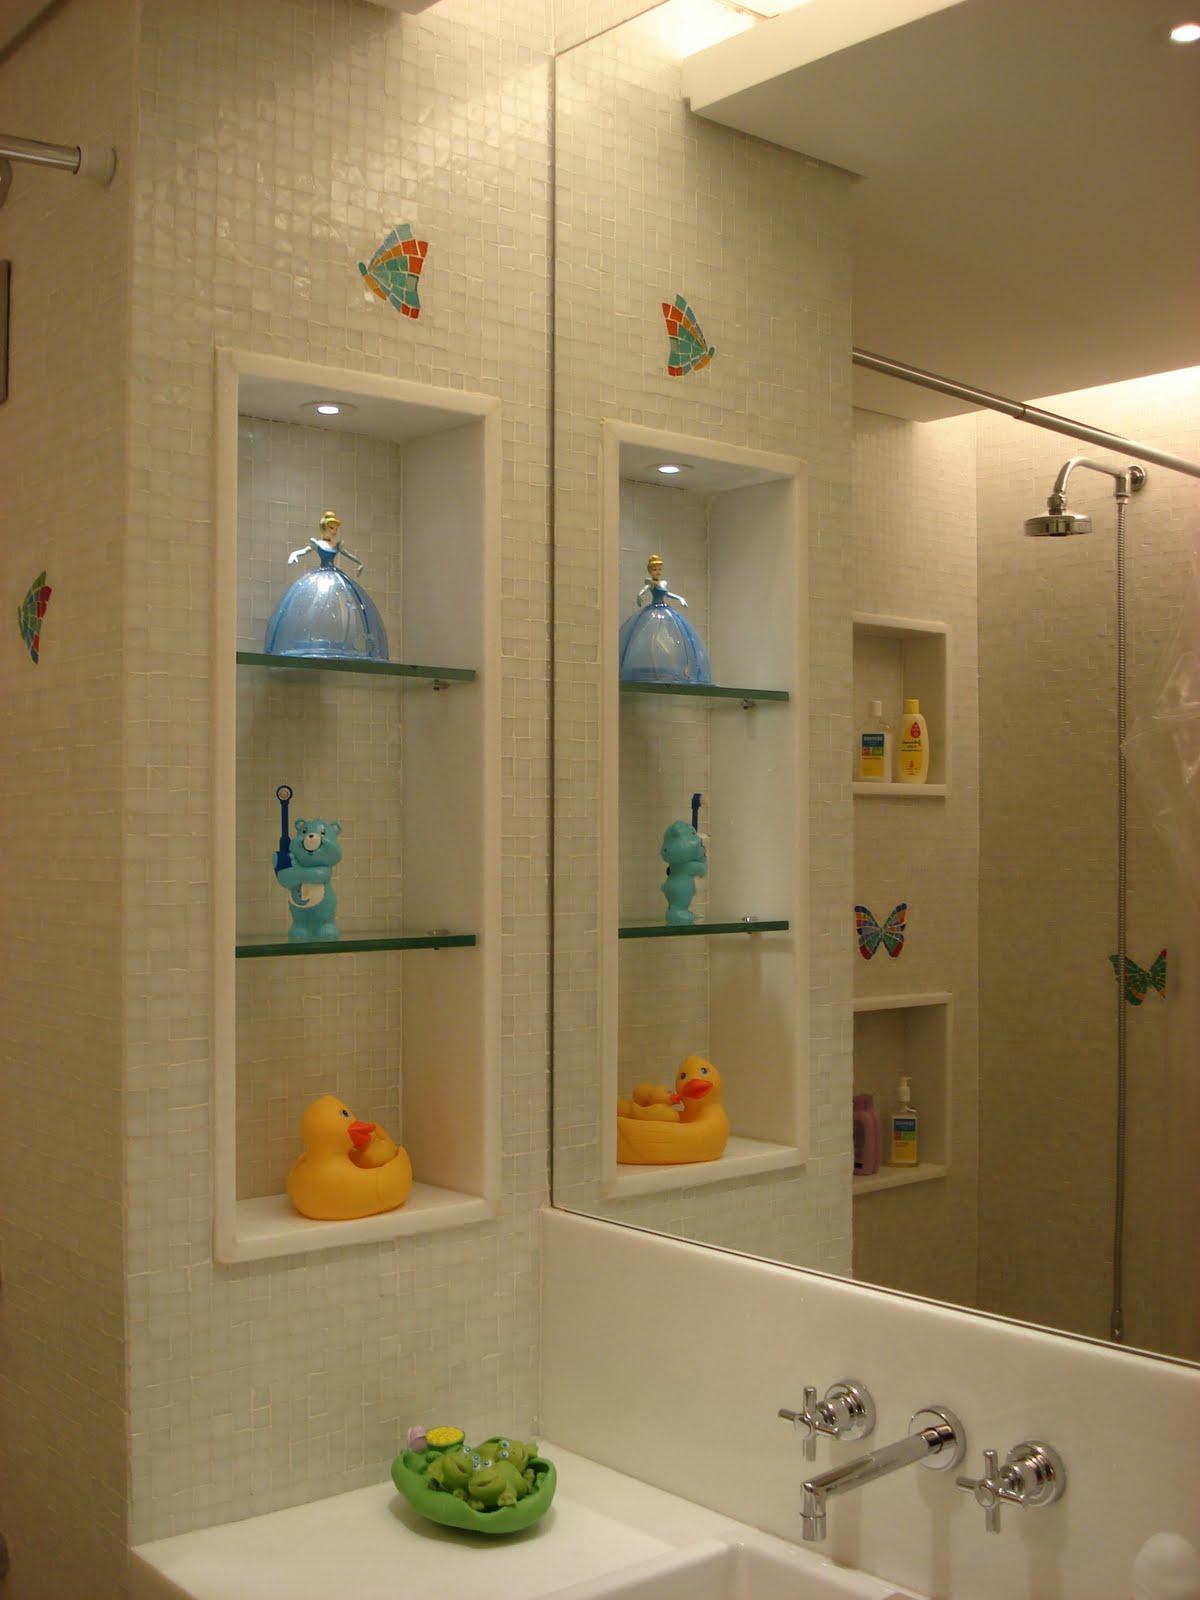 Fernanda Vieira Arquiteta: PROJETO RESIDENCIAL APTO BARRA DA TIJUCA  #B57716 1200x1600 Bancada Banheiro Laca